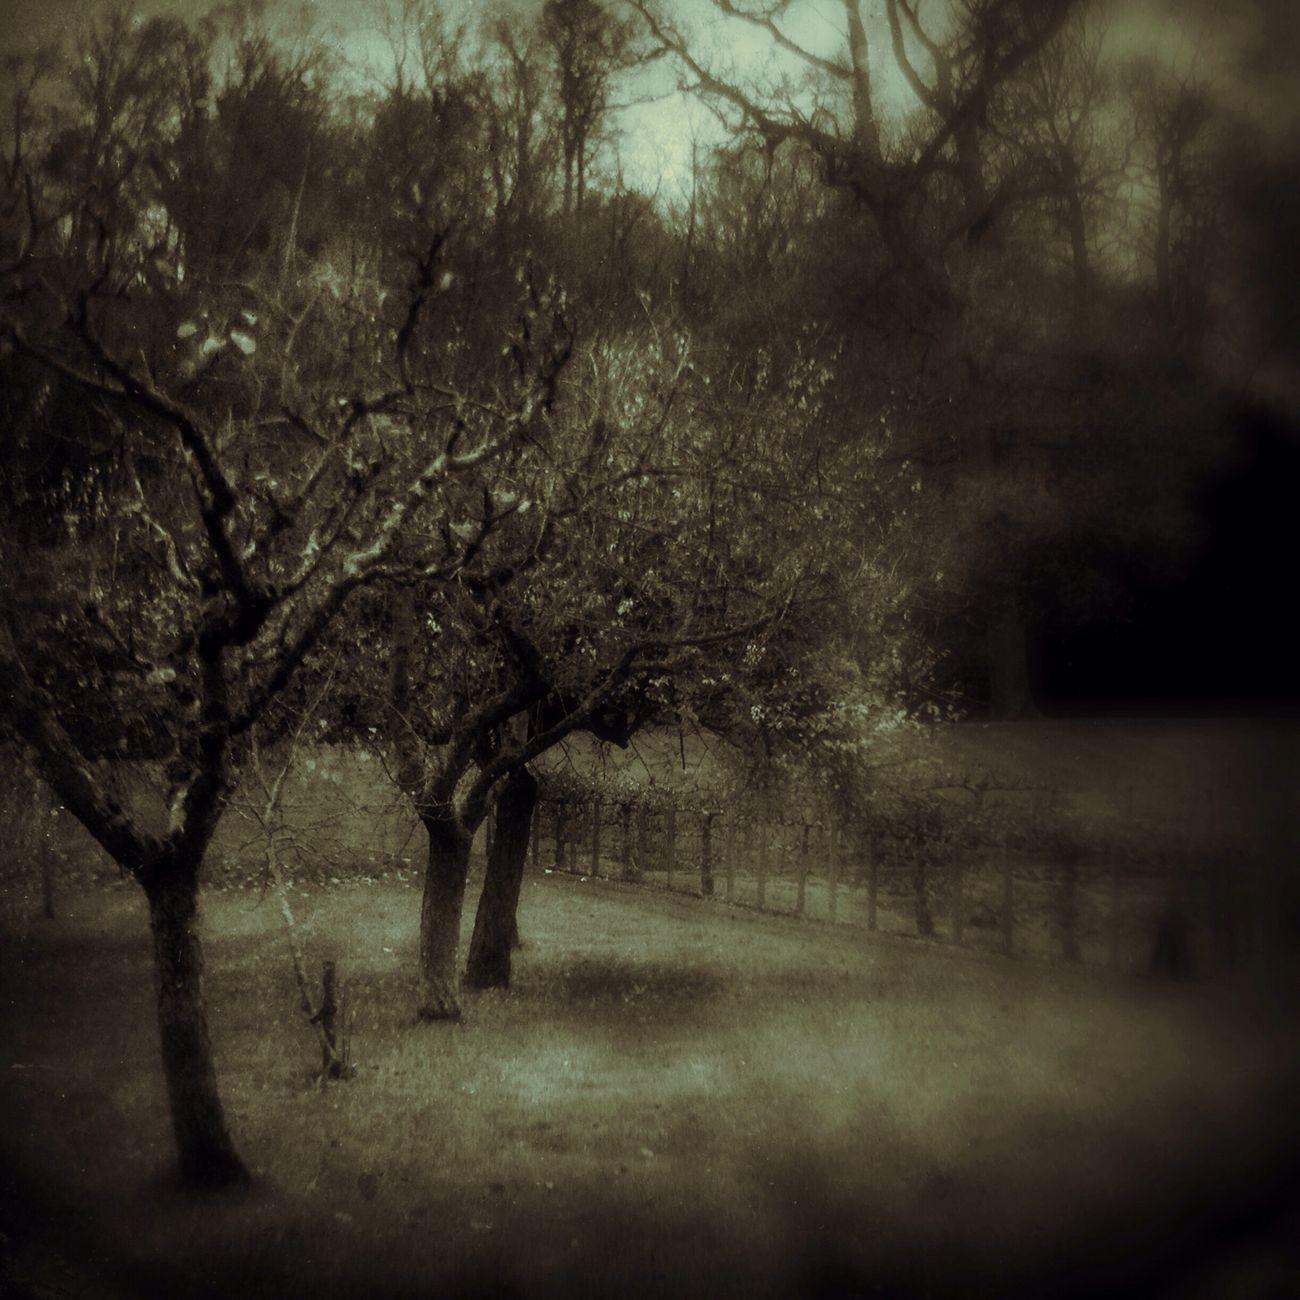 Autumn Apple Trees Painswick Rococo Garden NEM Landscapes Shootermag NEM Memories